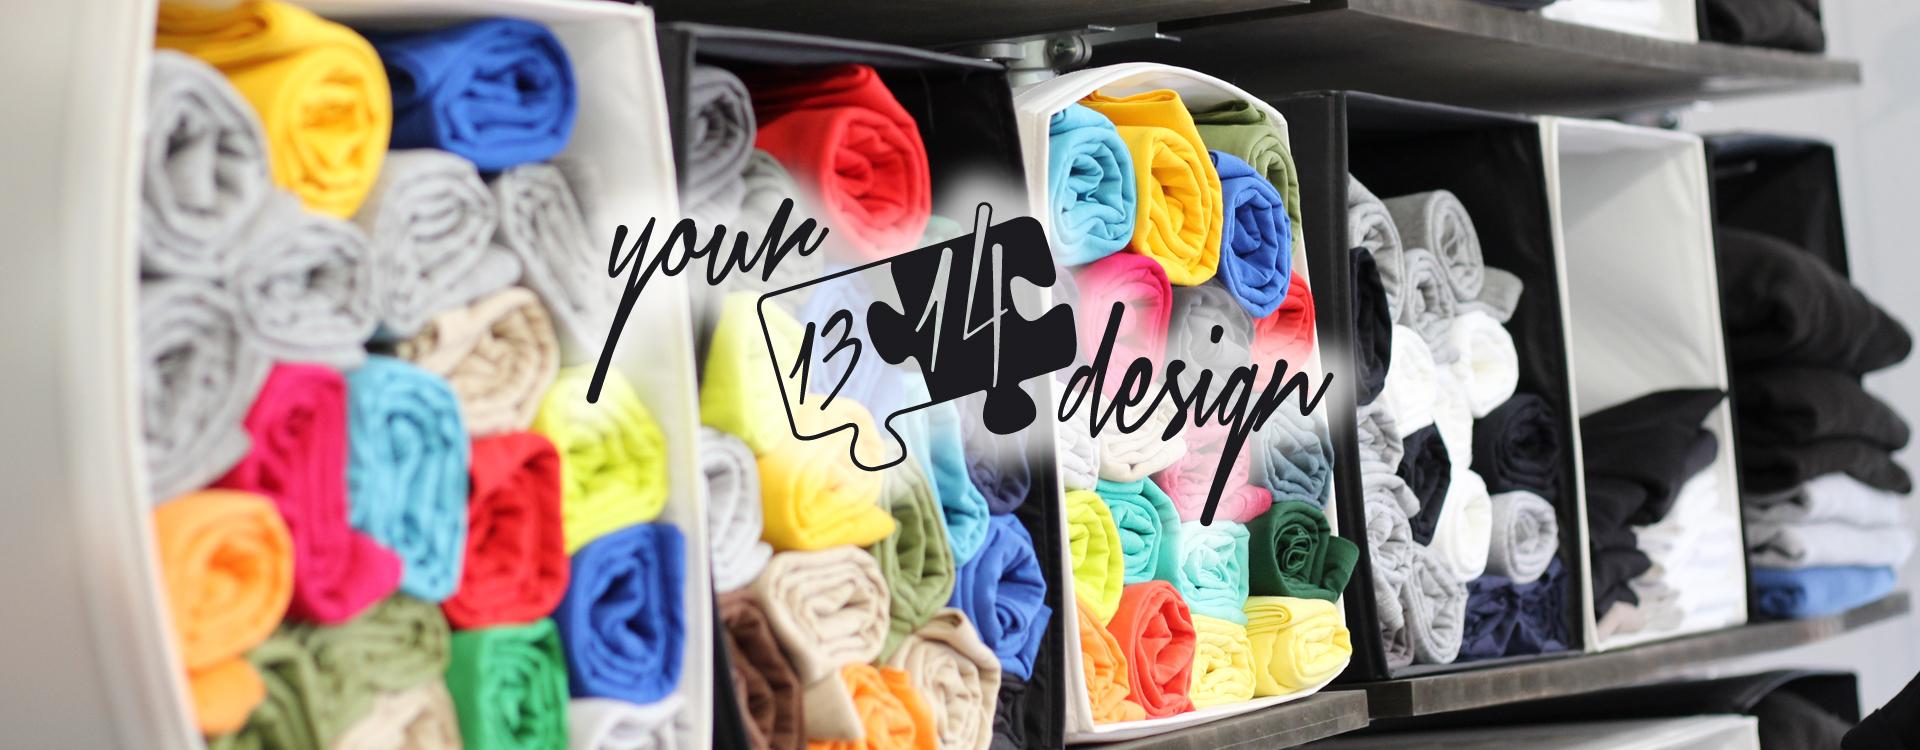 Startseite 1314-yourdesign